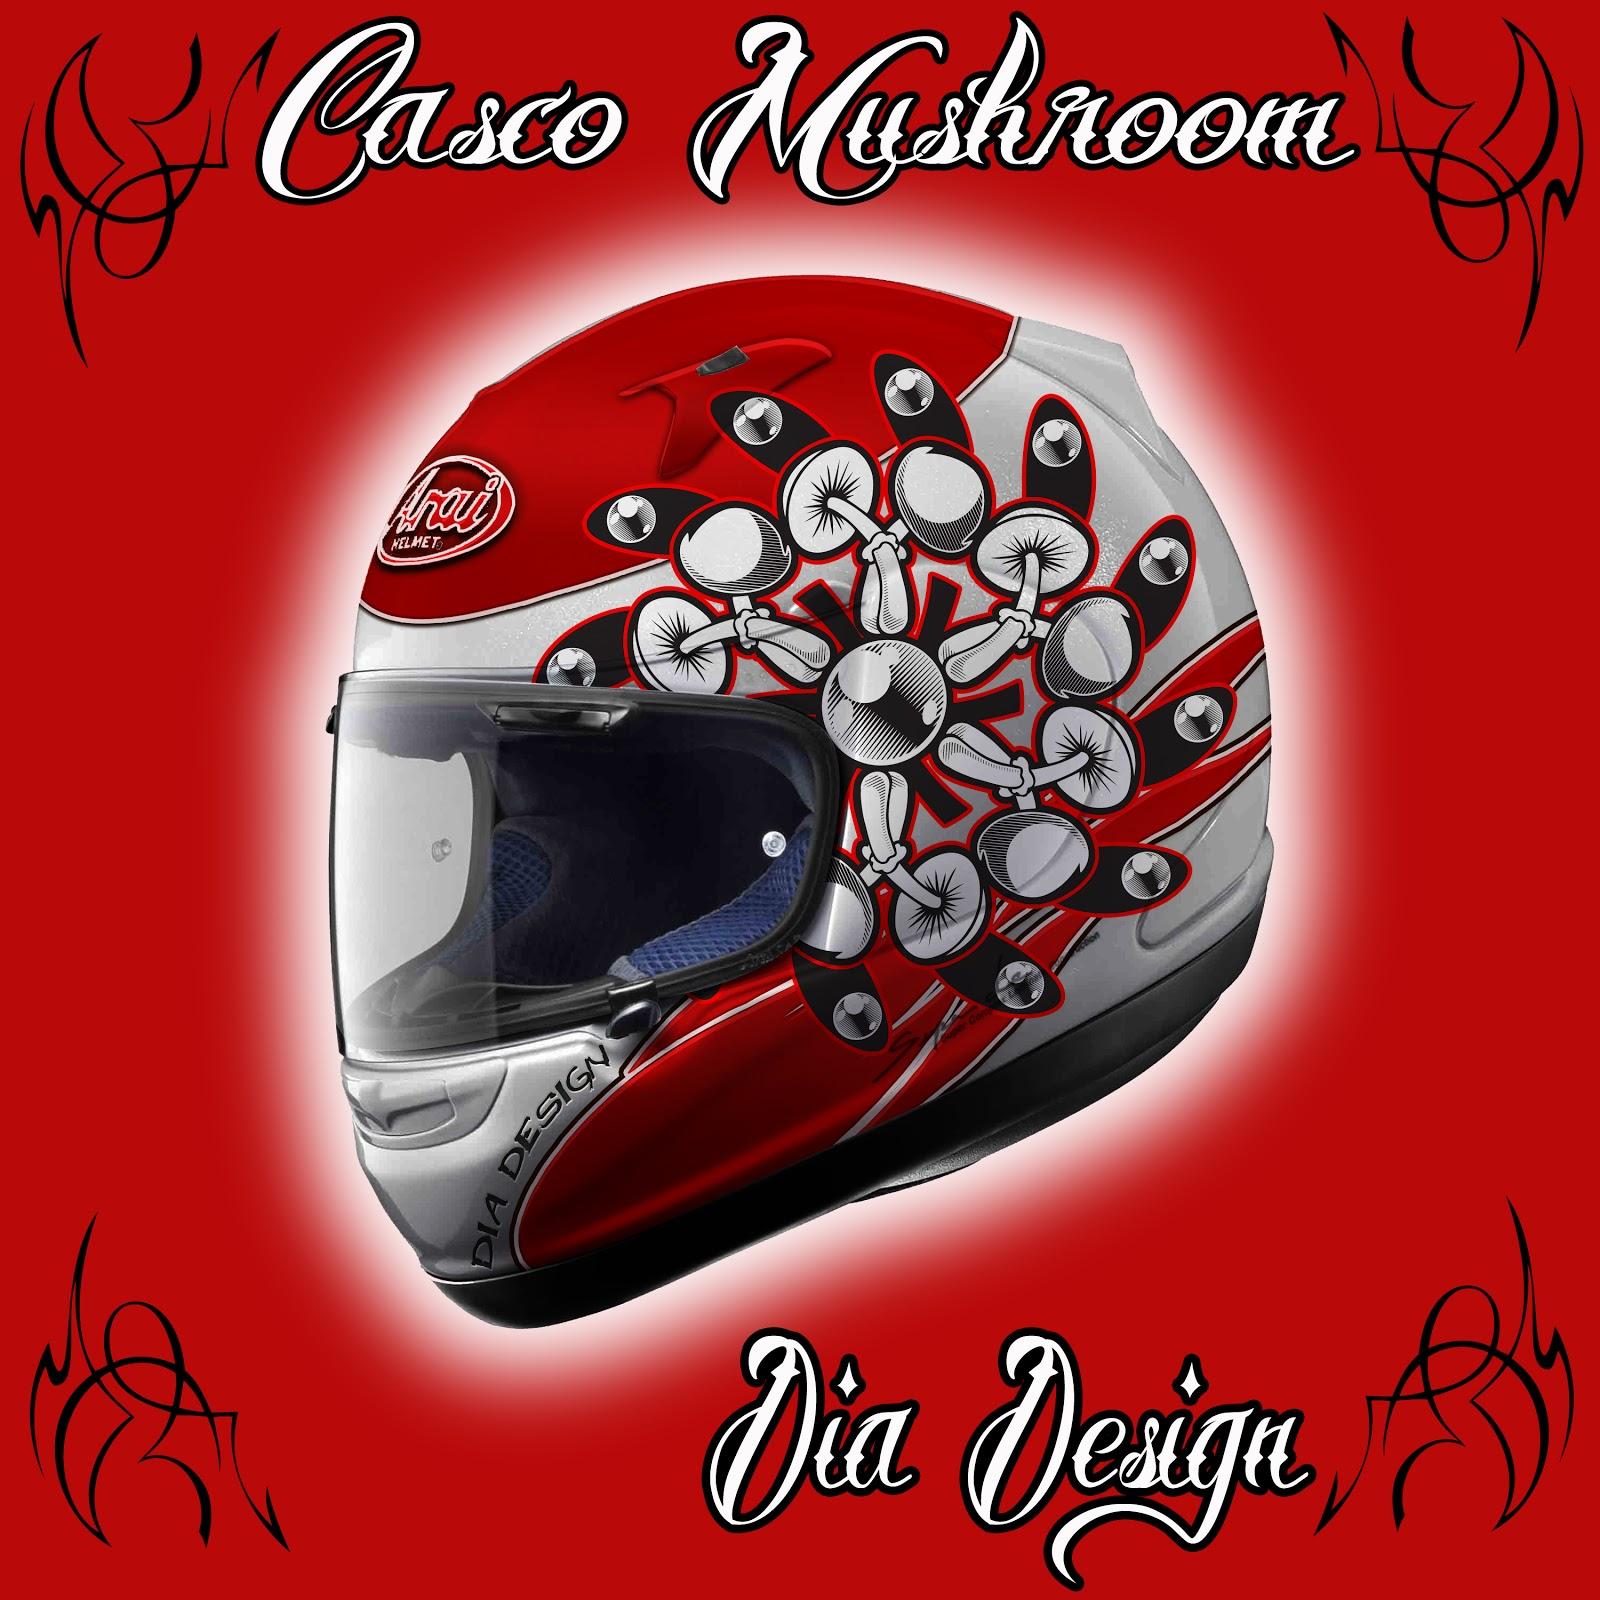 Aerografia casco mushroom